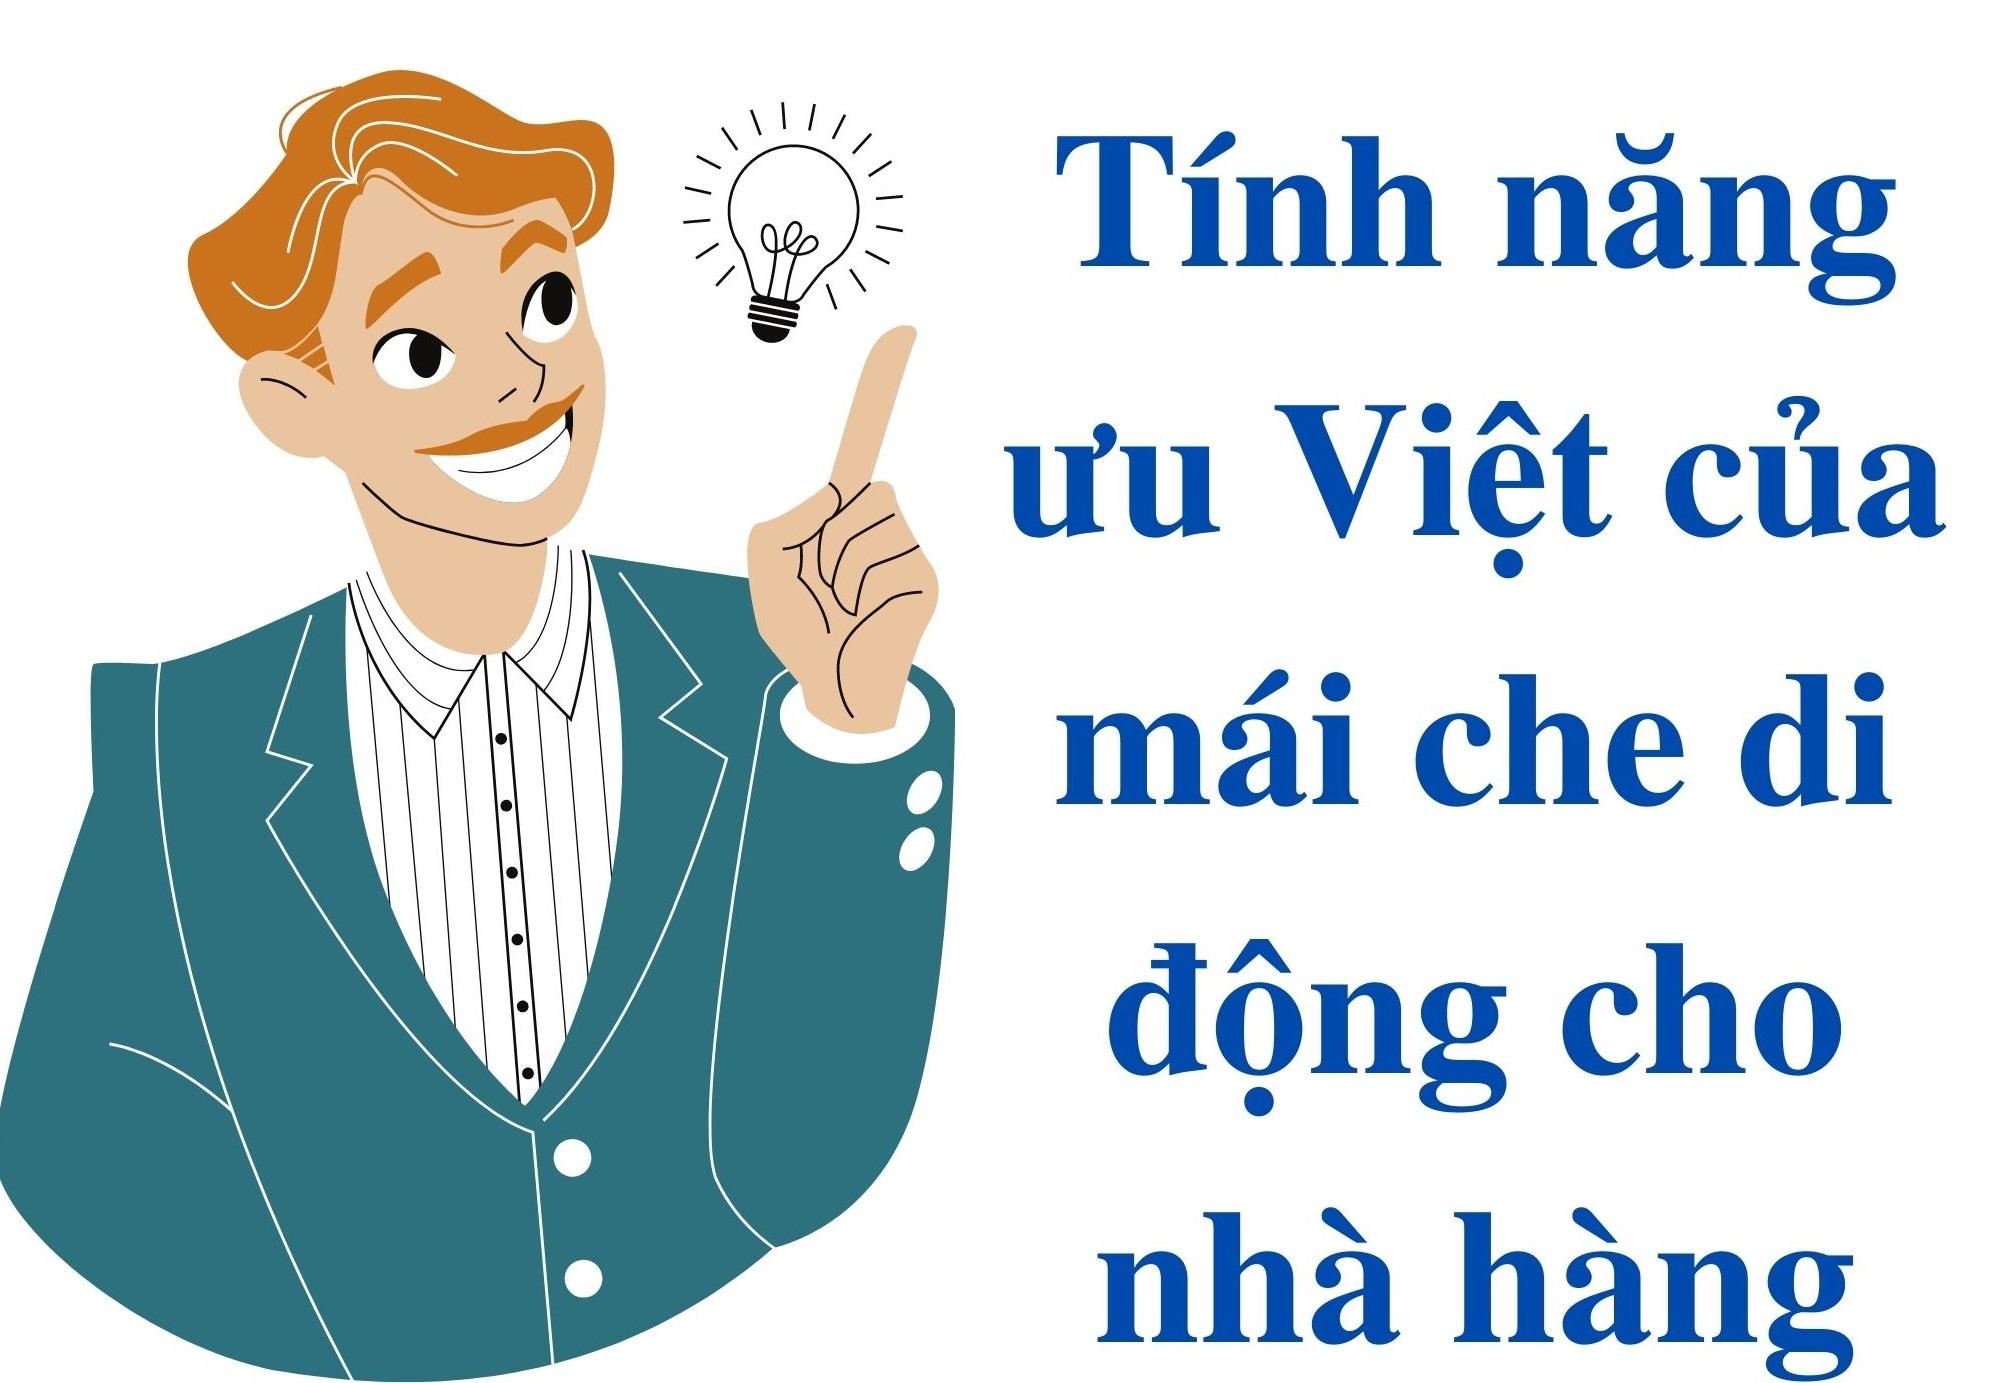 Mái Che Di Động Cho Nhà Hàng Với Những Tính Năng Ưu Việt